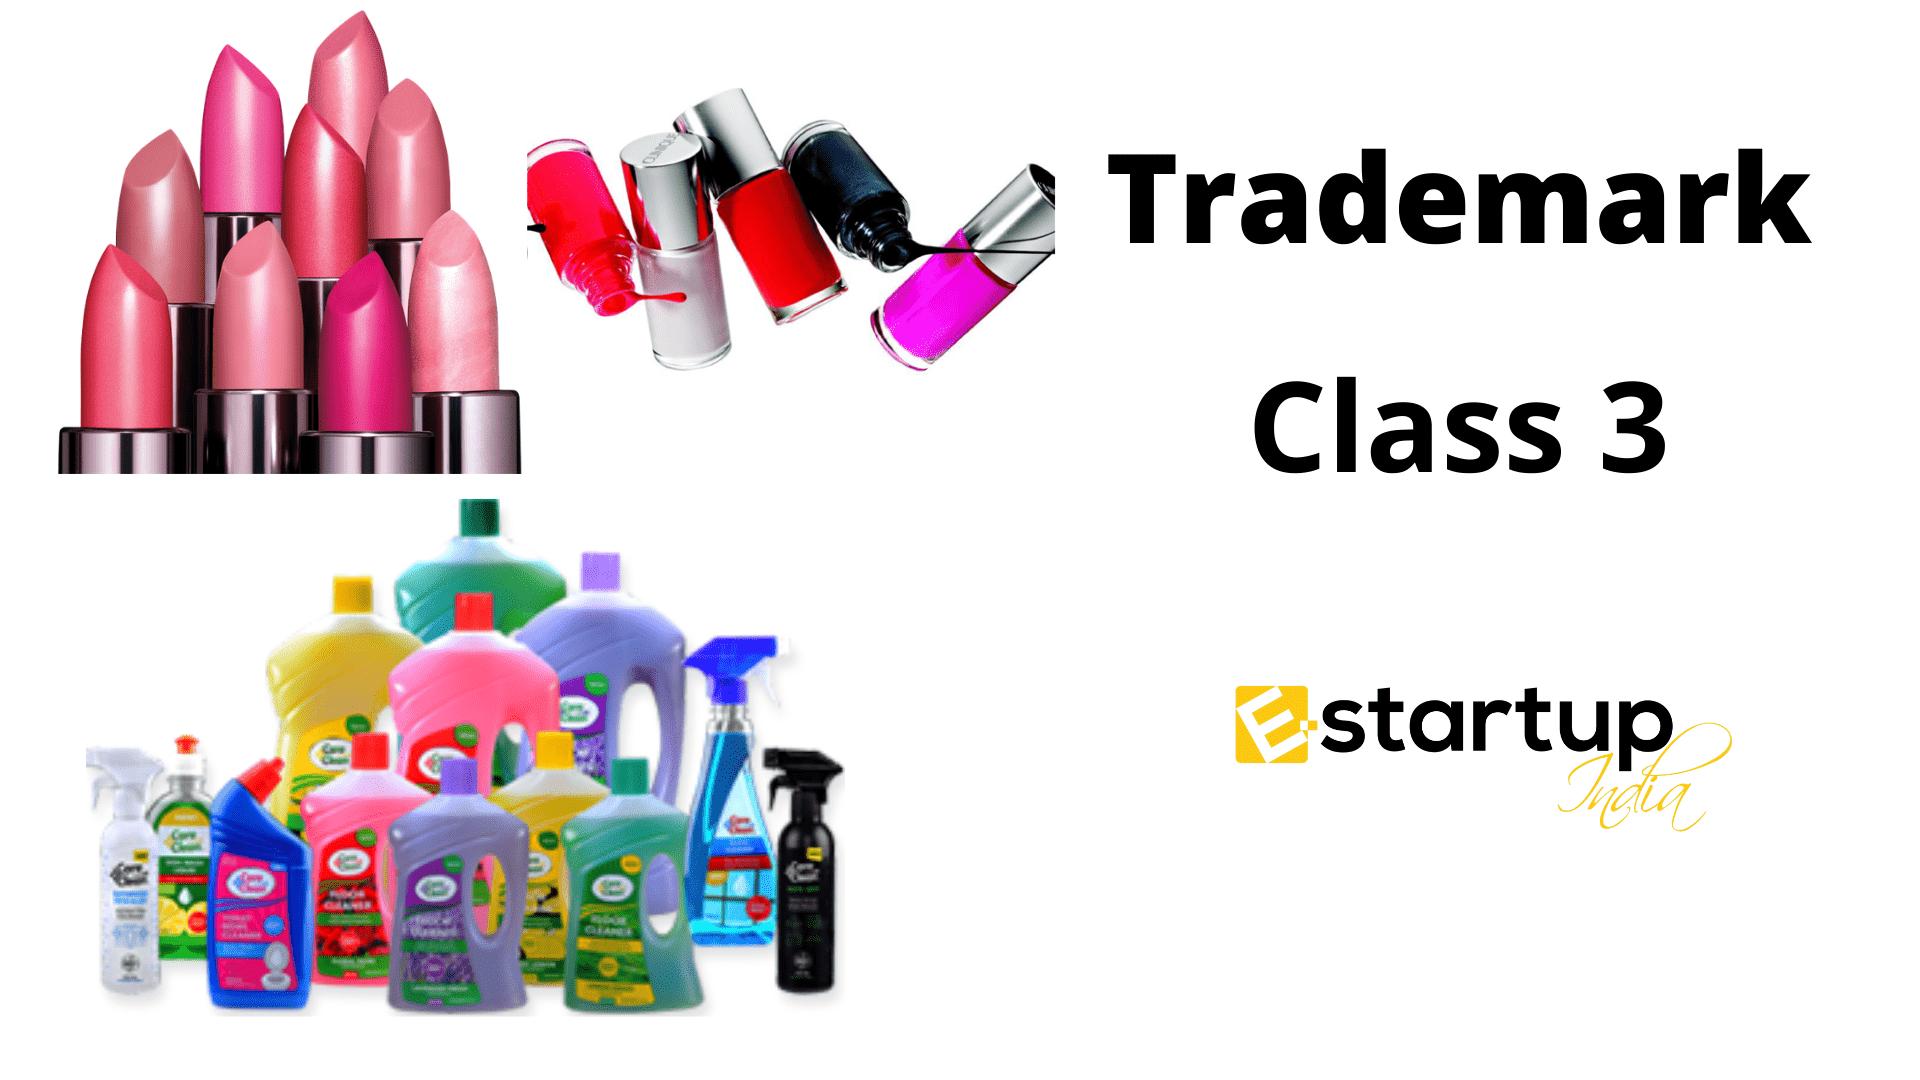 Trademark vlass 3